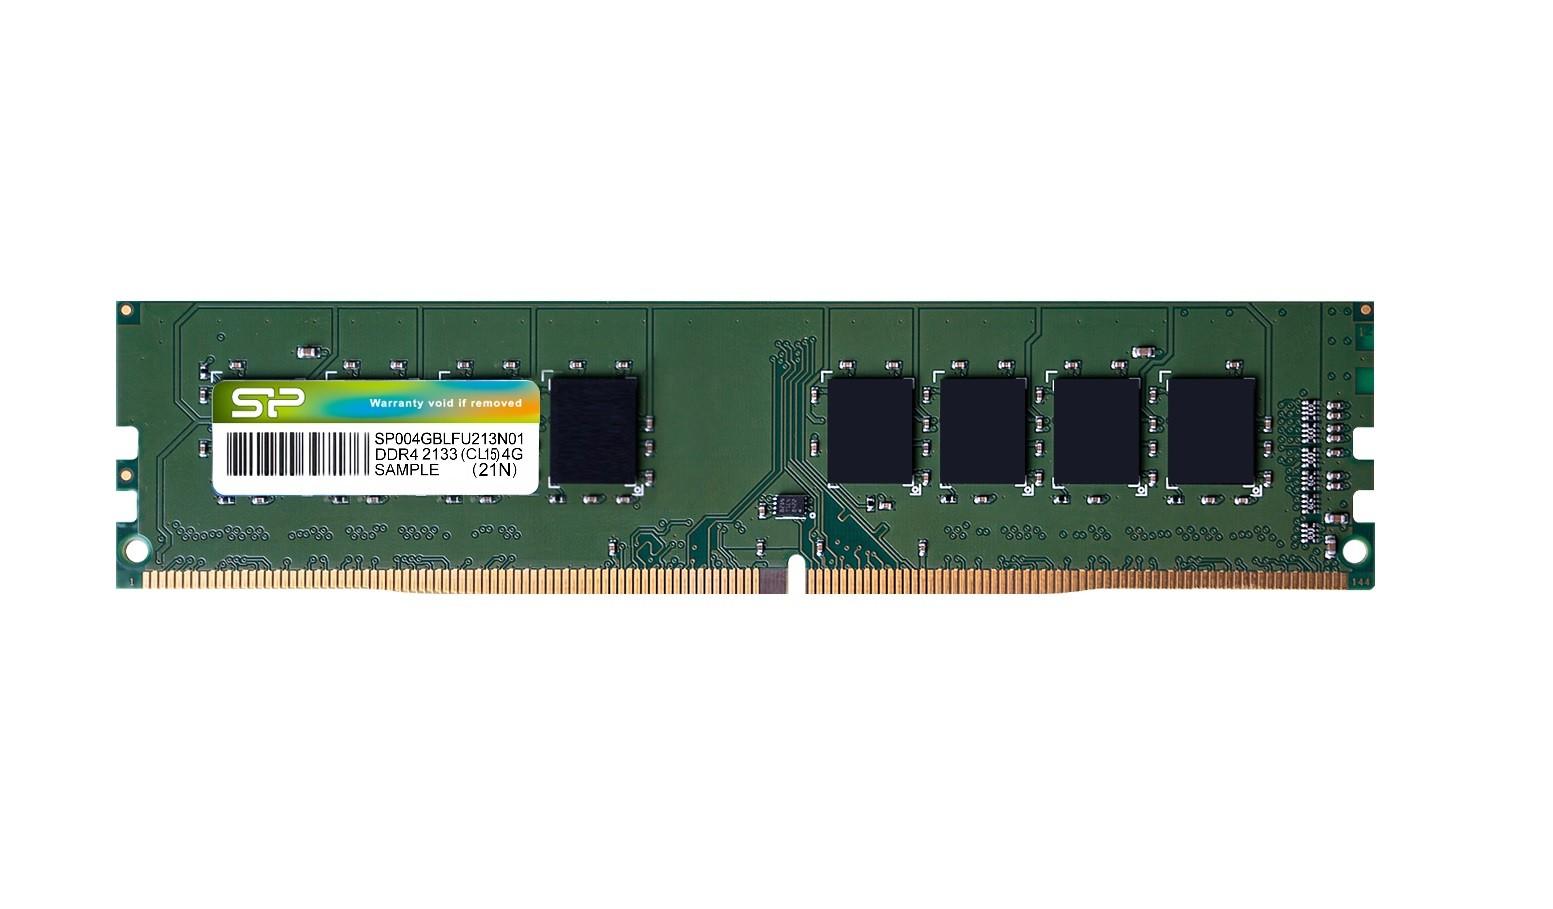 HC1291SP631 - DRAM DDR4 Unbuffered DIMM DT - DDR4-2133,CL15,UDIMM - 4GB